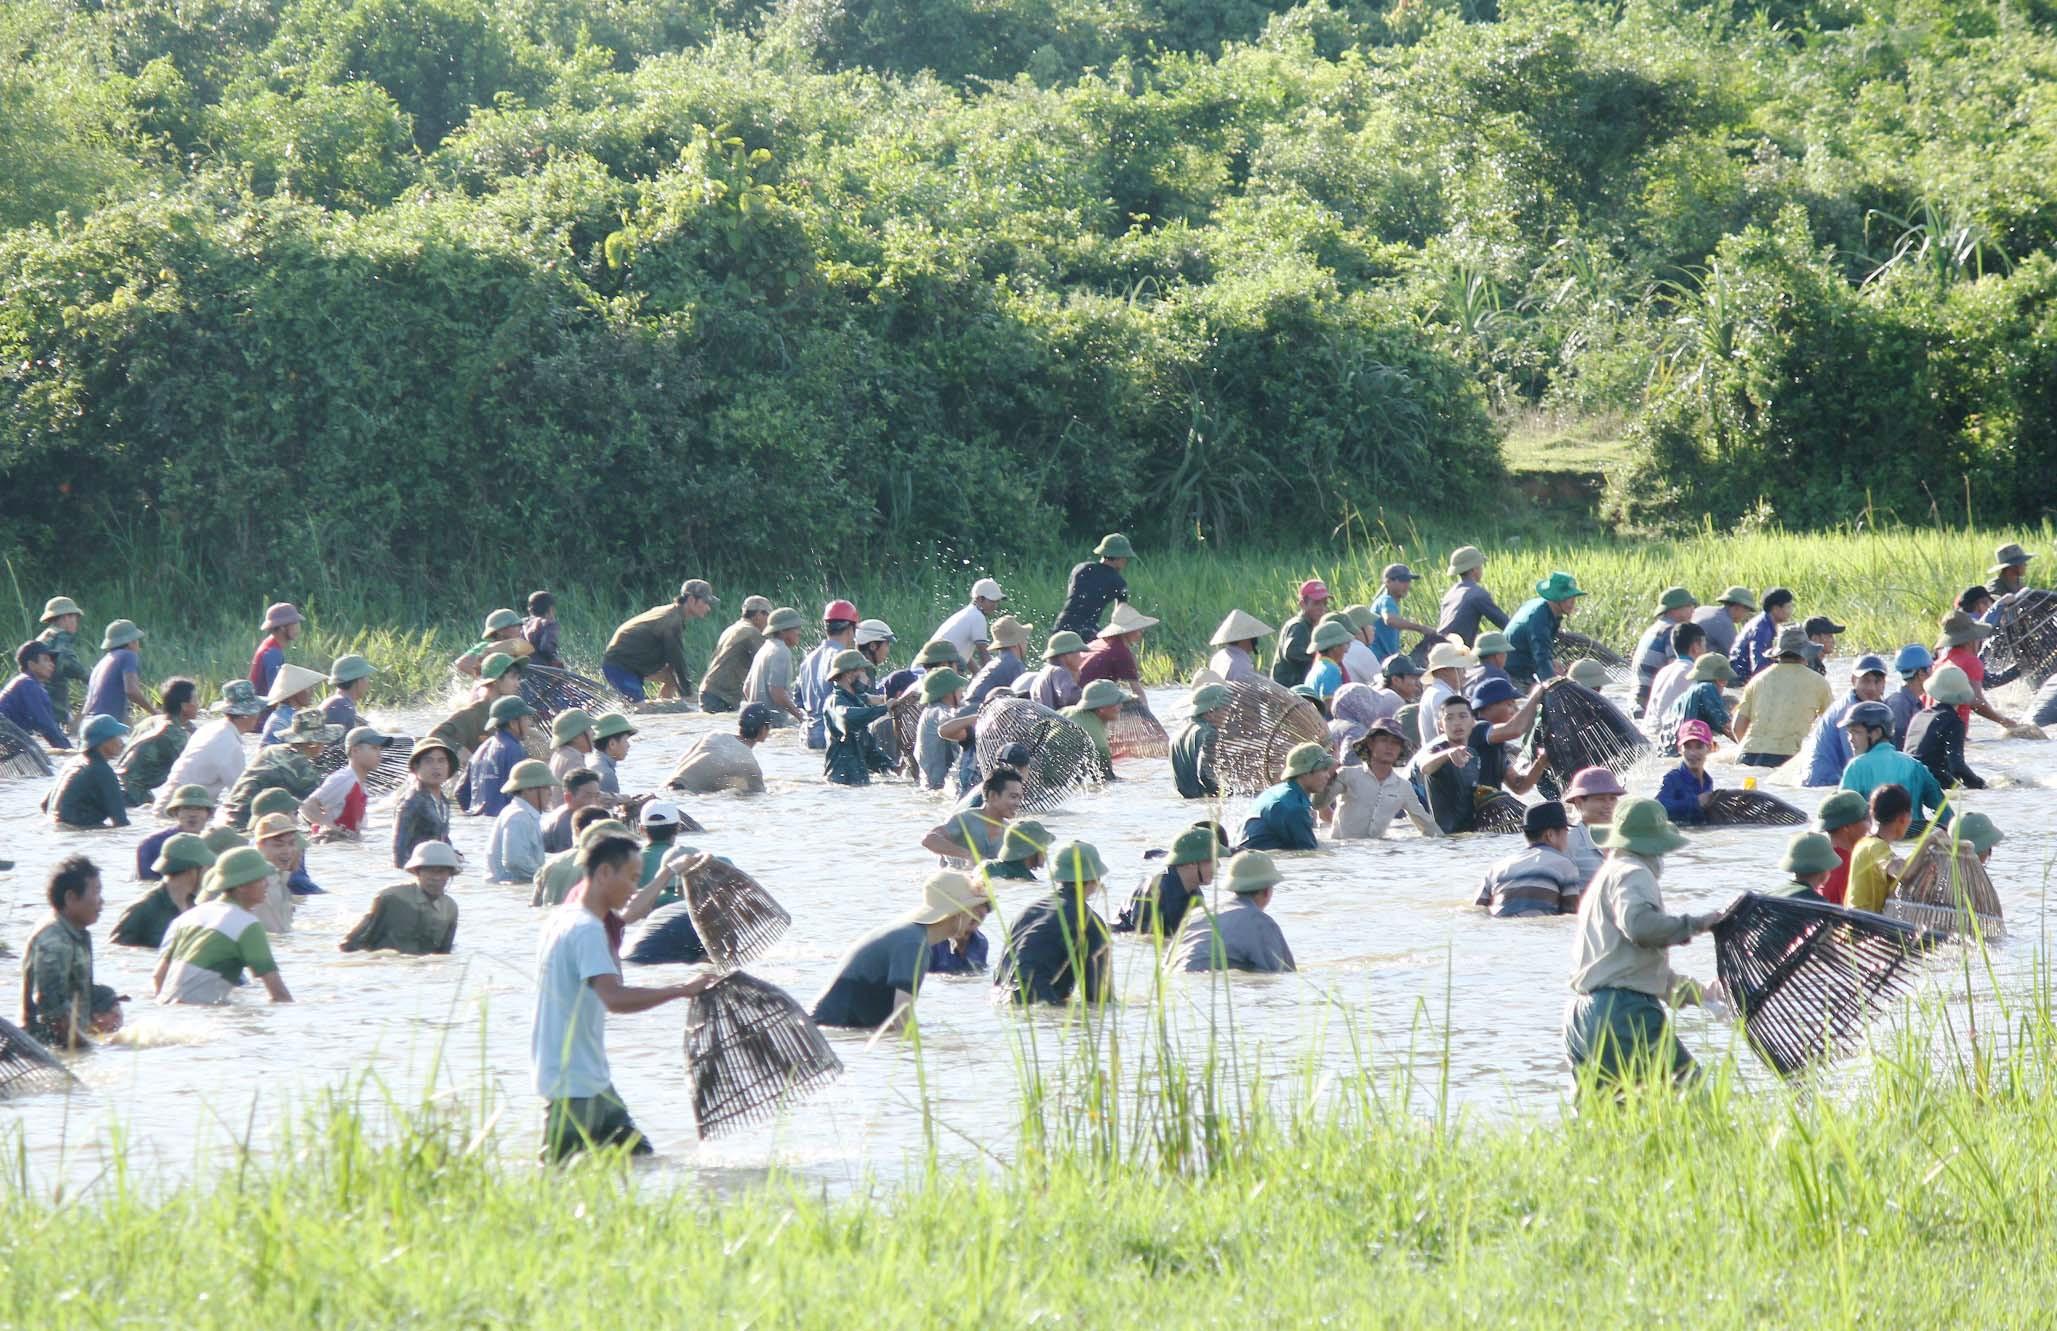 Hàng trăm người đội nắng tham gia hội đánh cá cầu may